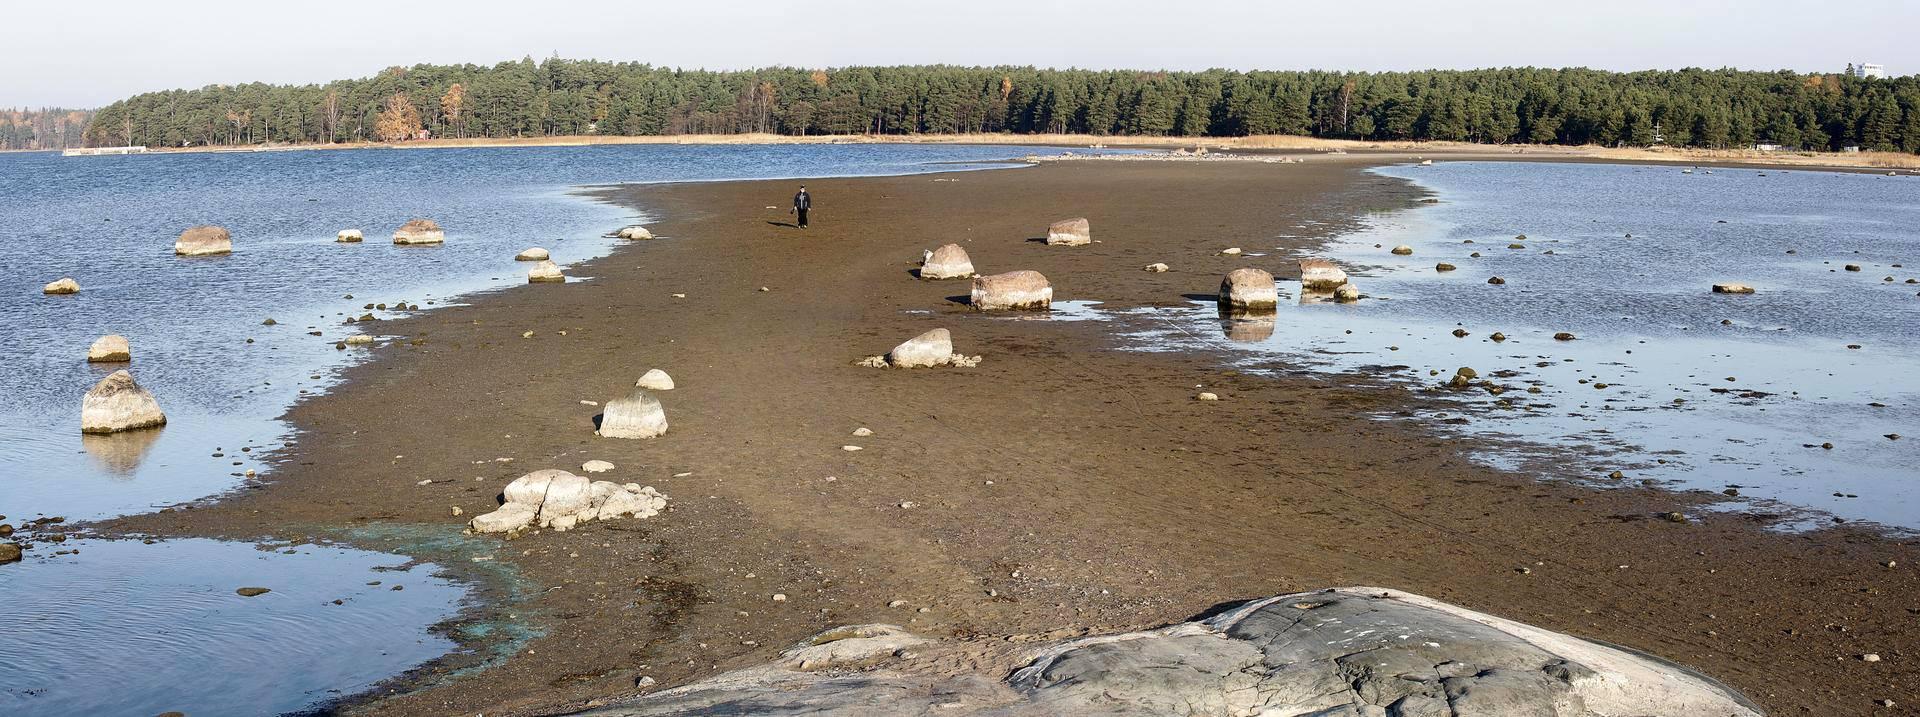 Kallahdenniemen uimarannalta pääsee kävelemään hiekkakannasta pitkin läheiselle luodolle.